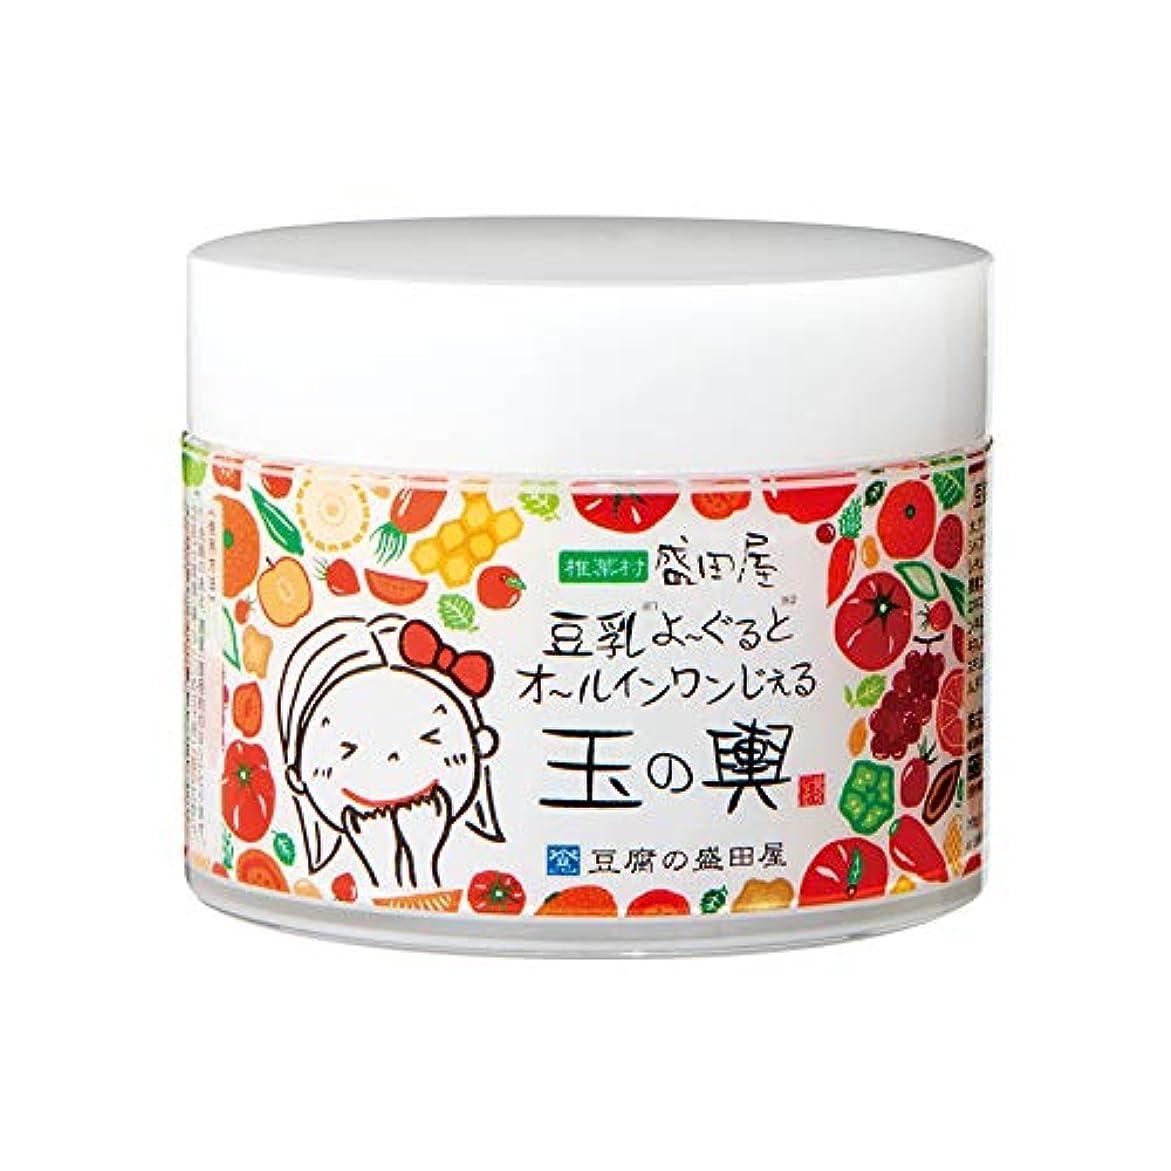 コンテンポラリー因子八豆腐の盛田屋 豆乳よーぐるとオールインワンじぇる玉の輿 80g